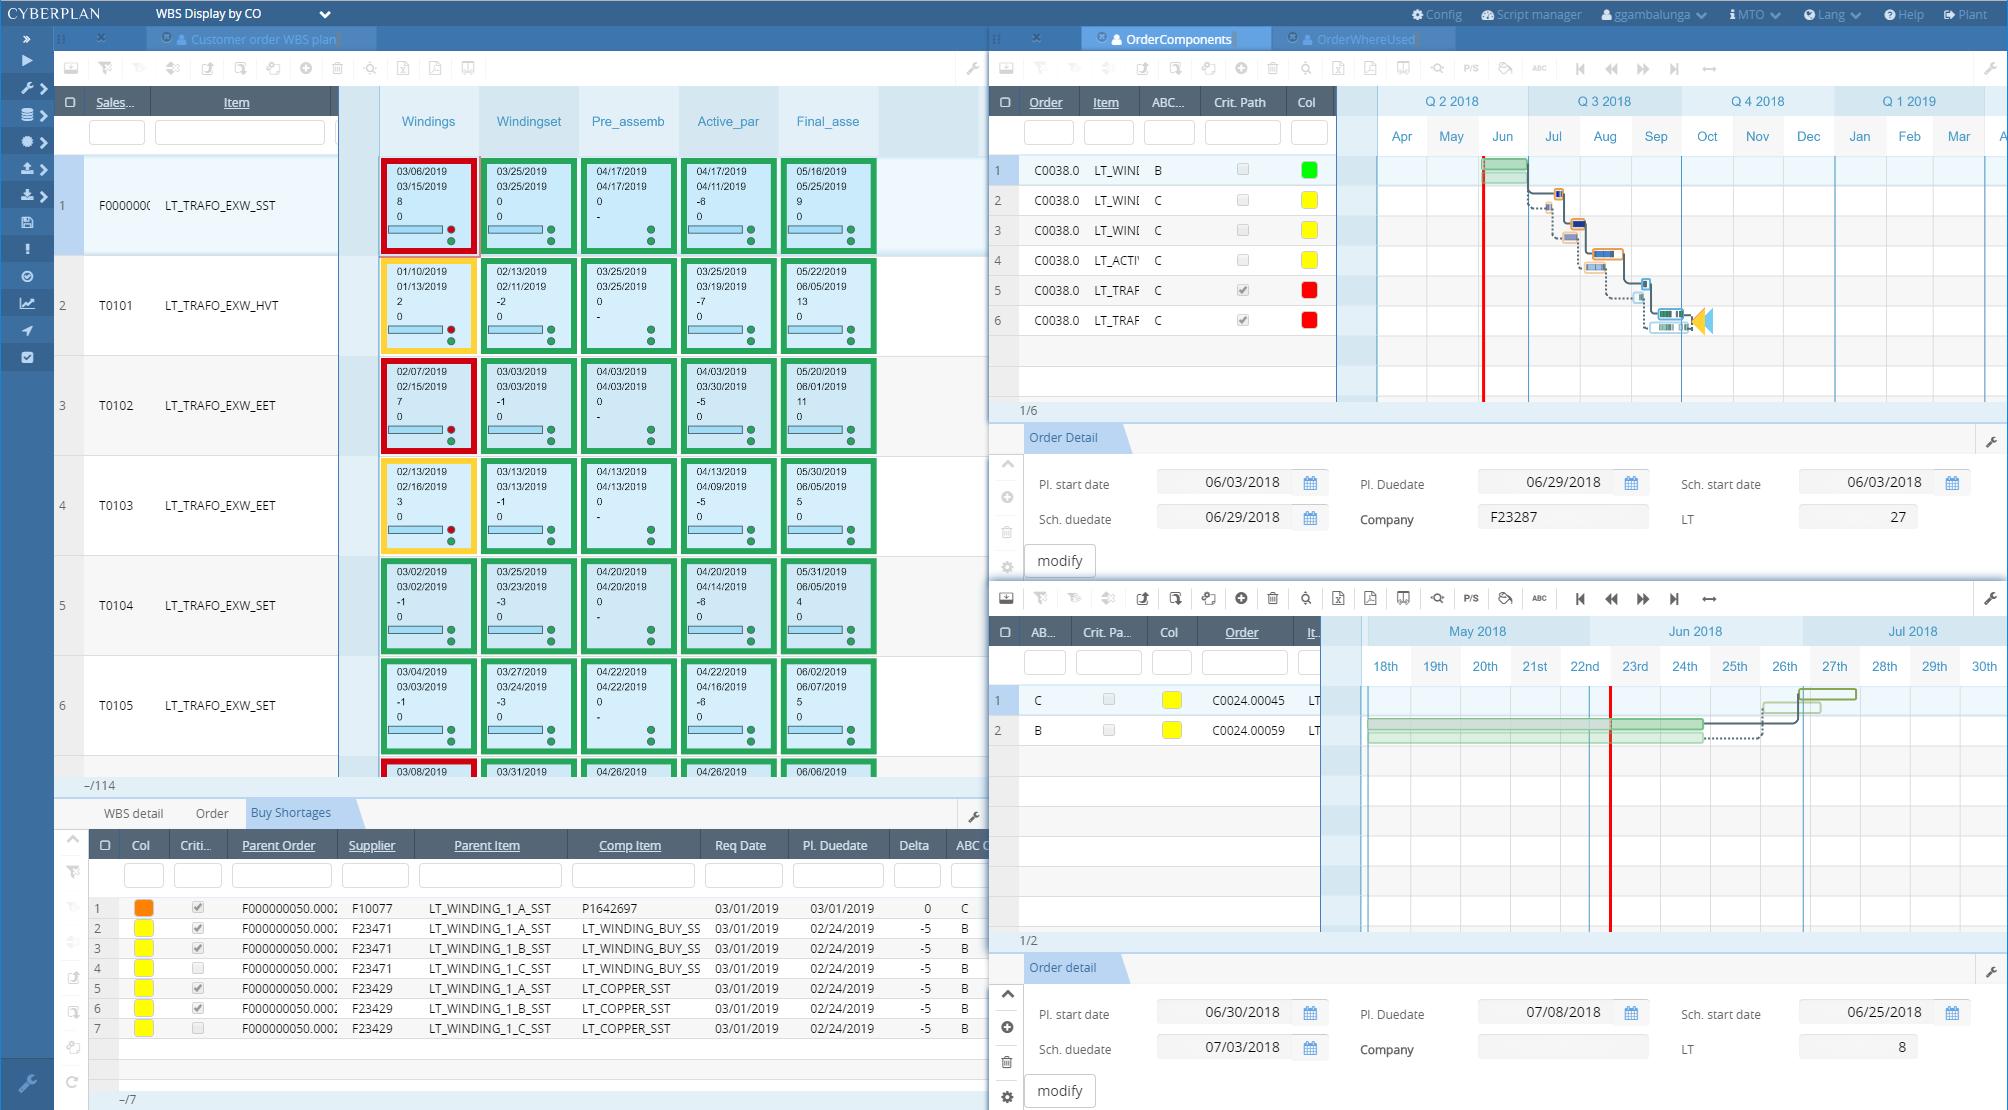 CyberPlan Software - CyberPlan WBS display screenshot